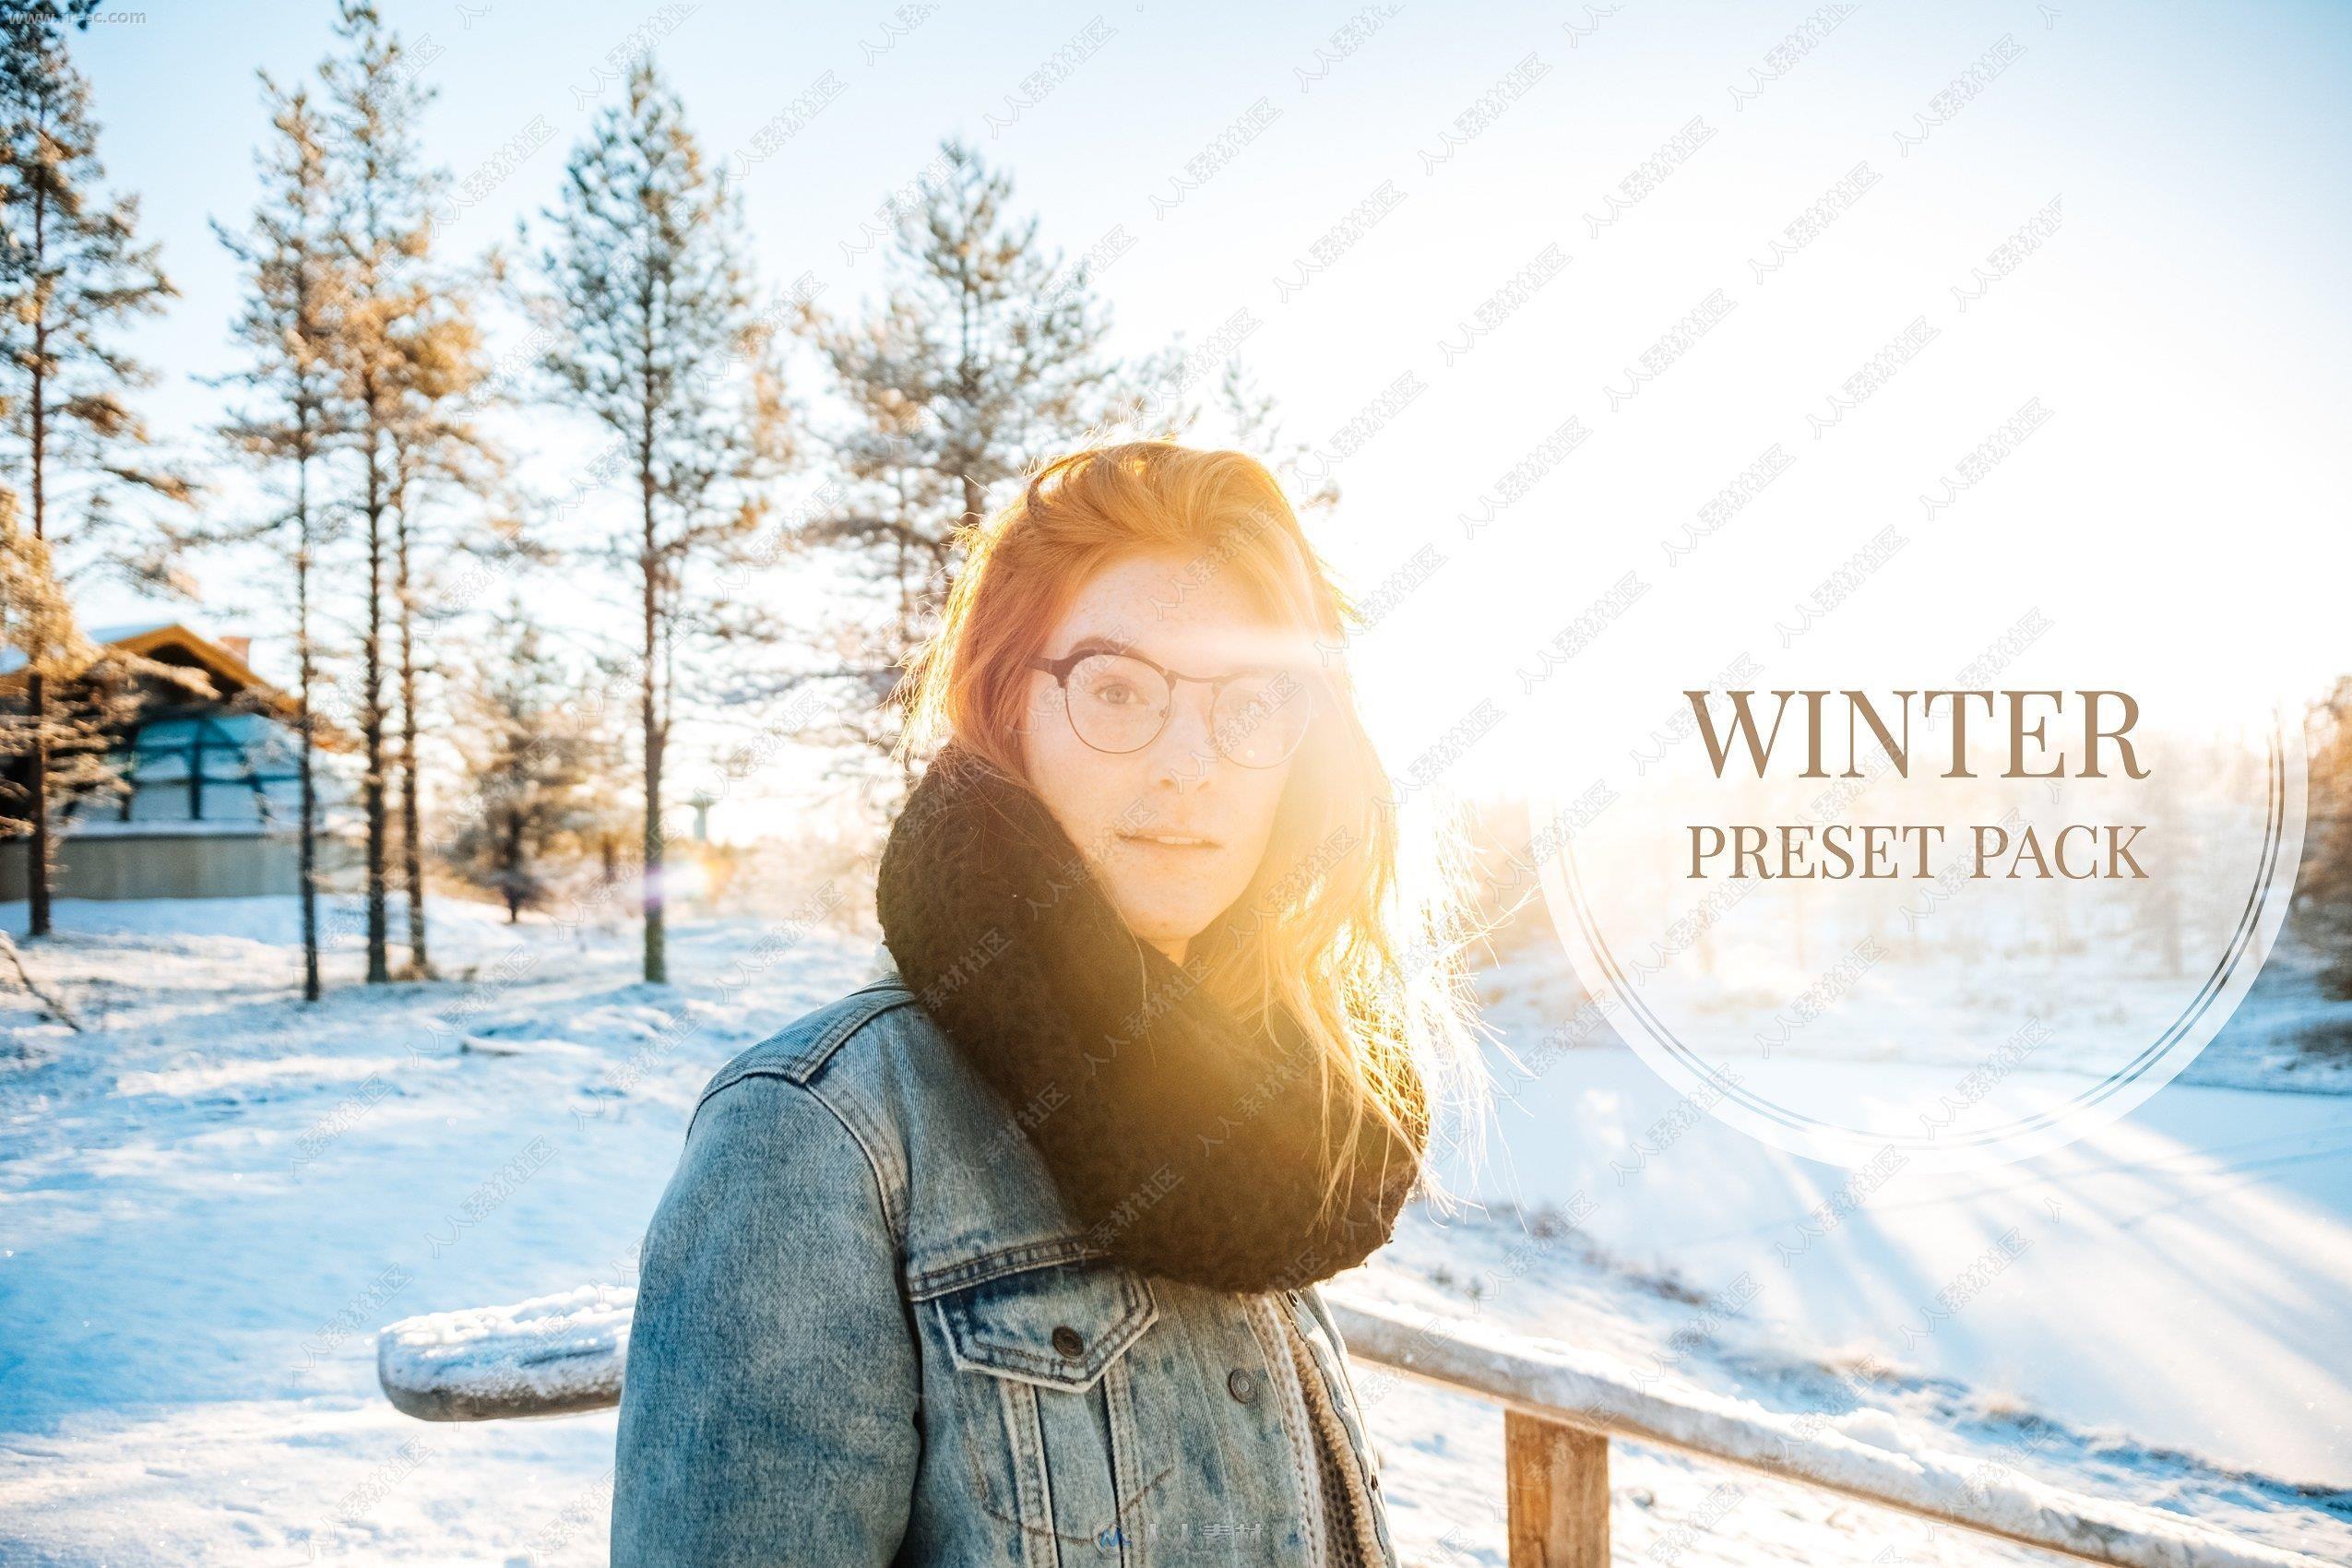 6组冬季雪景清新明亮艺术色调Lightroom模板